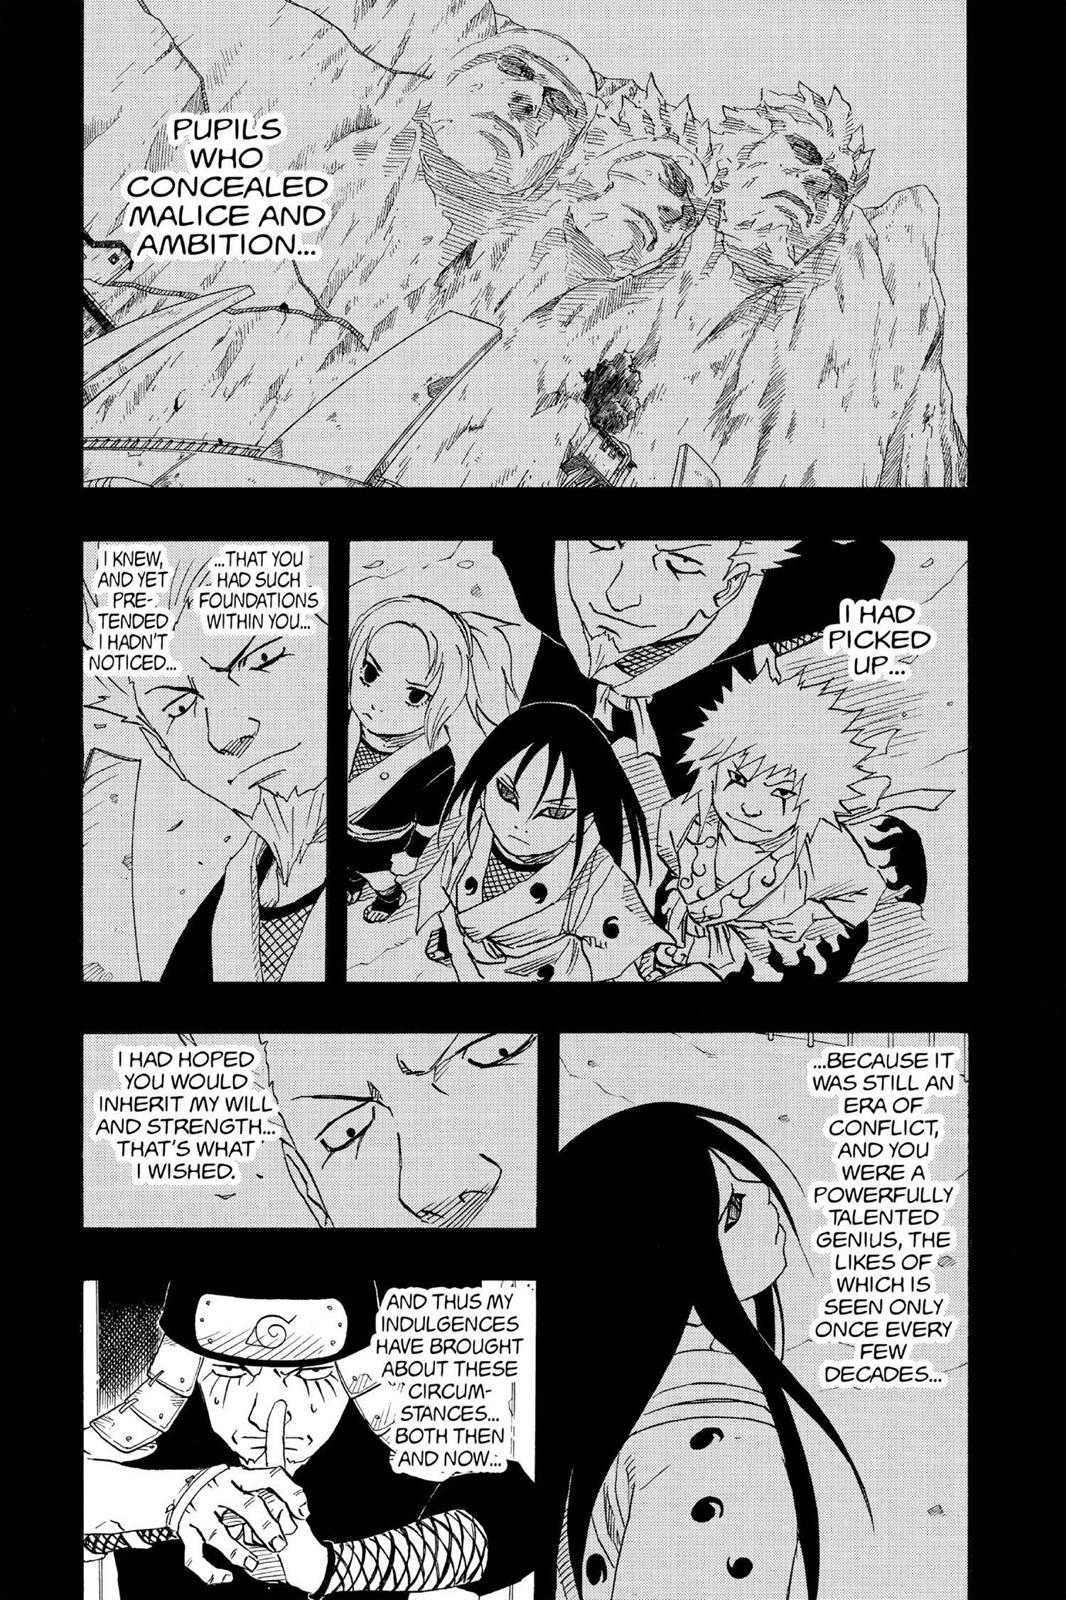 Mais poderoso do que você imagina #1: Orochimaru 0122-007